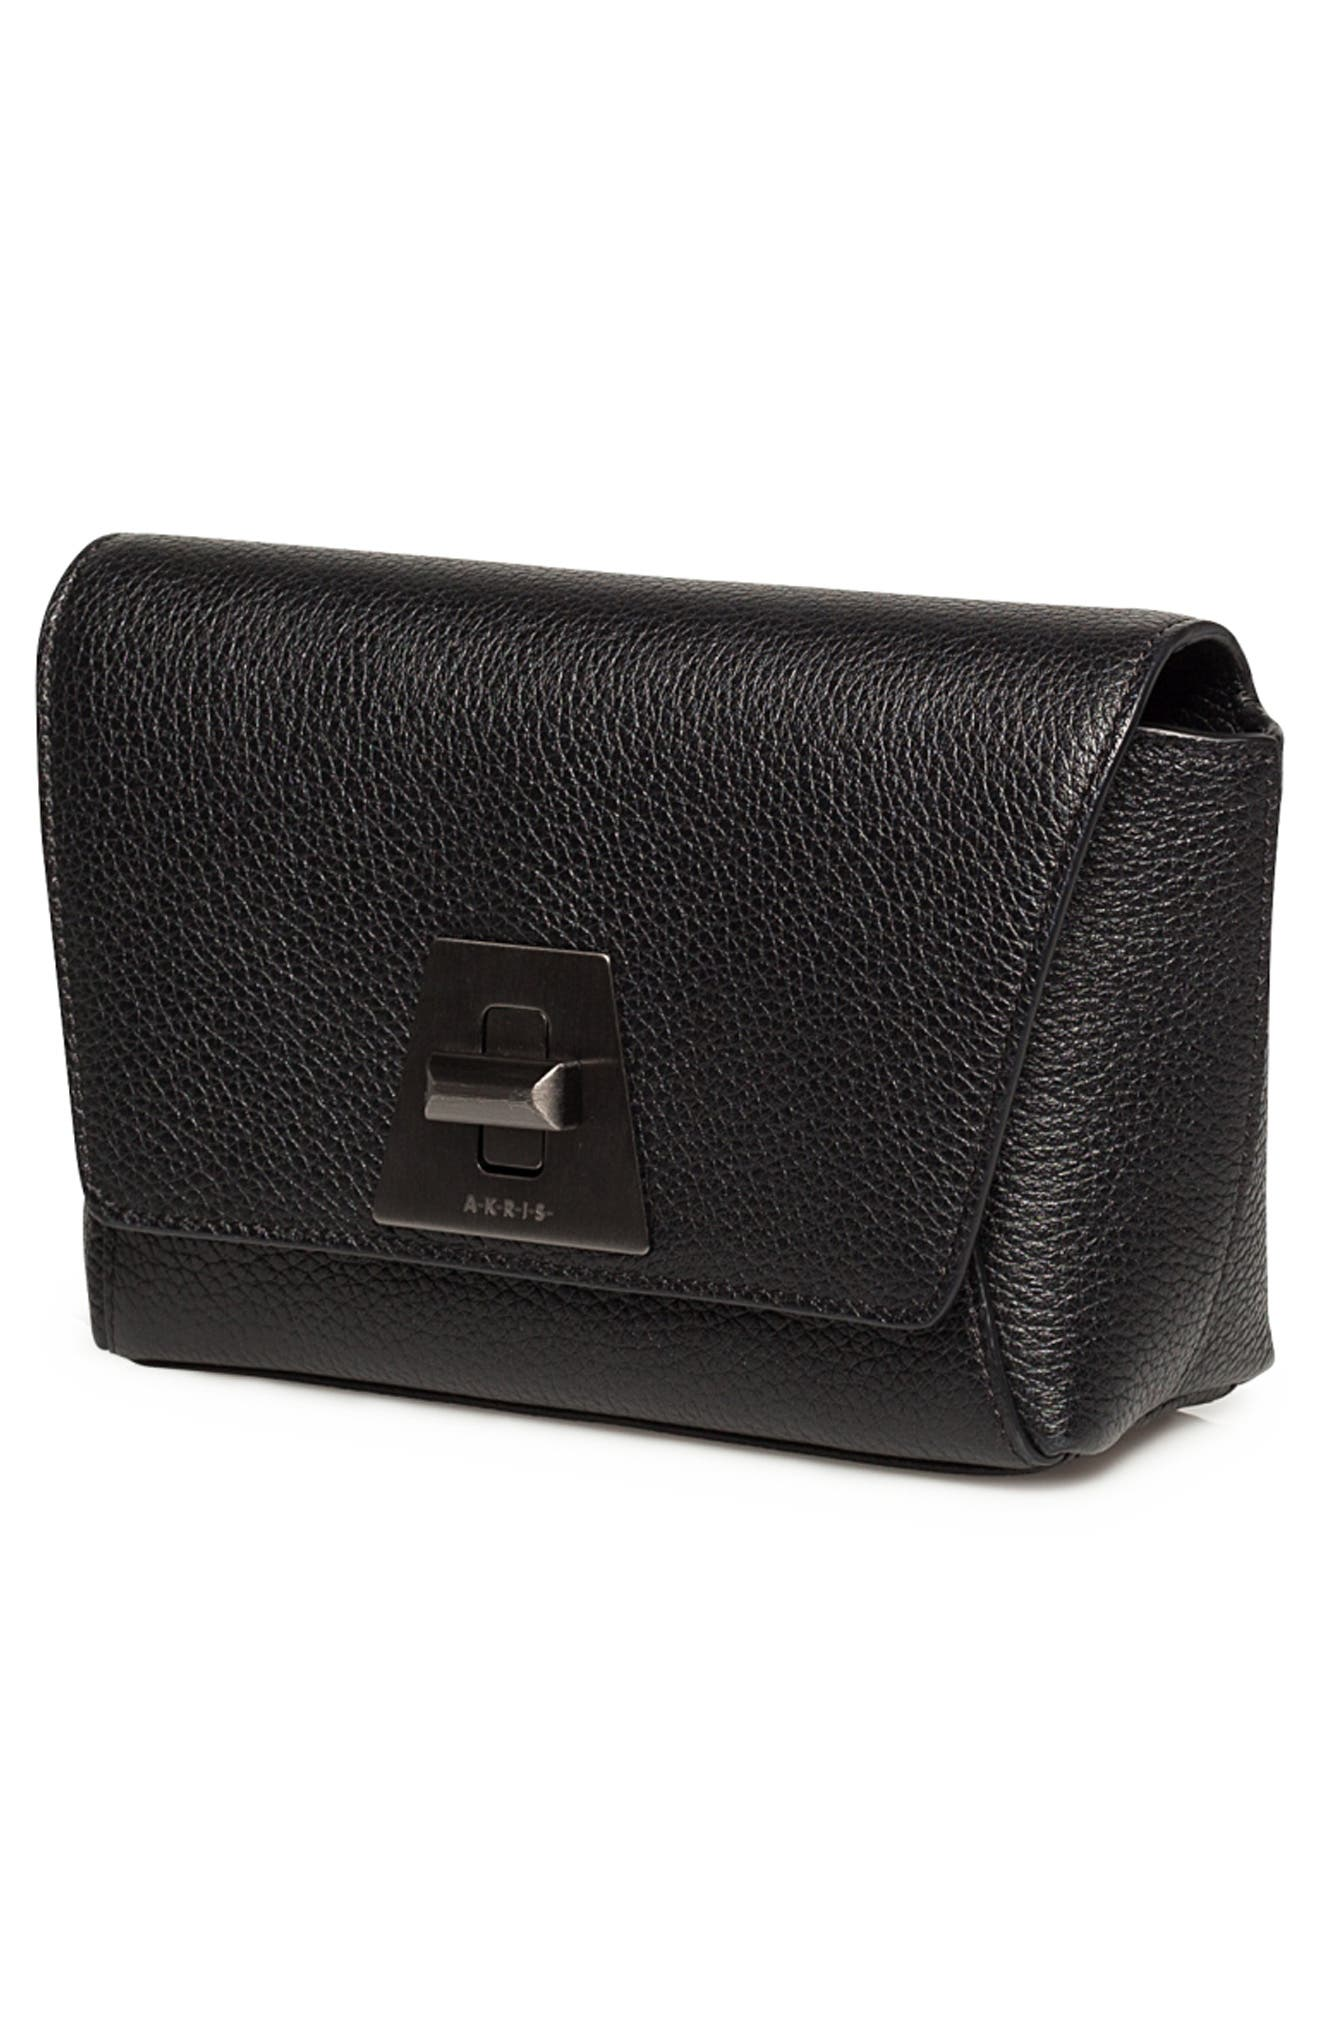 Little Anouk Leather Crossbody Bag,                             Alternate thumbnail 8, color,                             009 BLACK